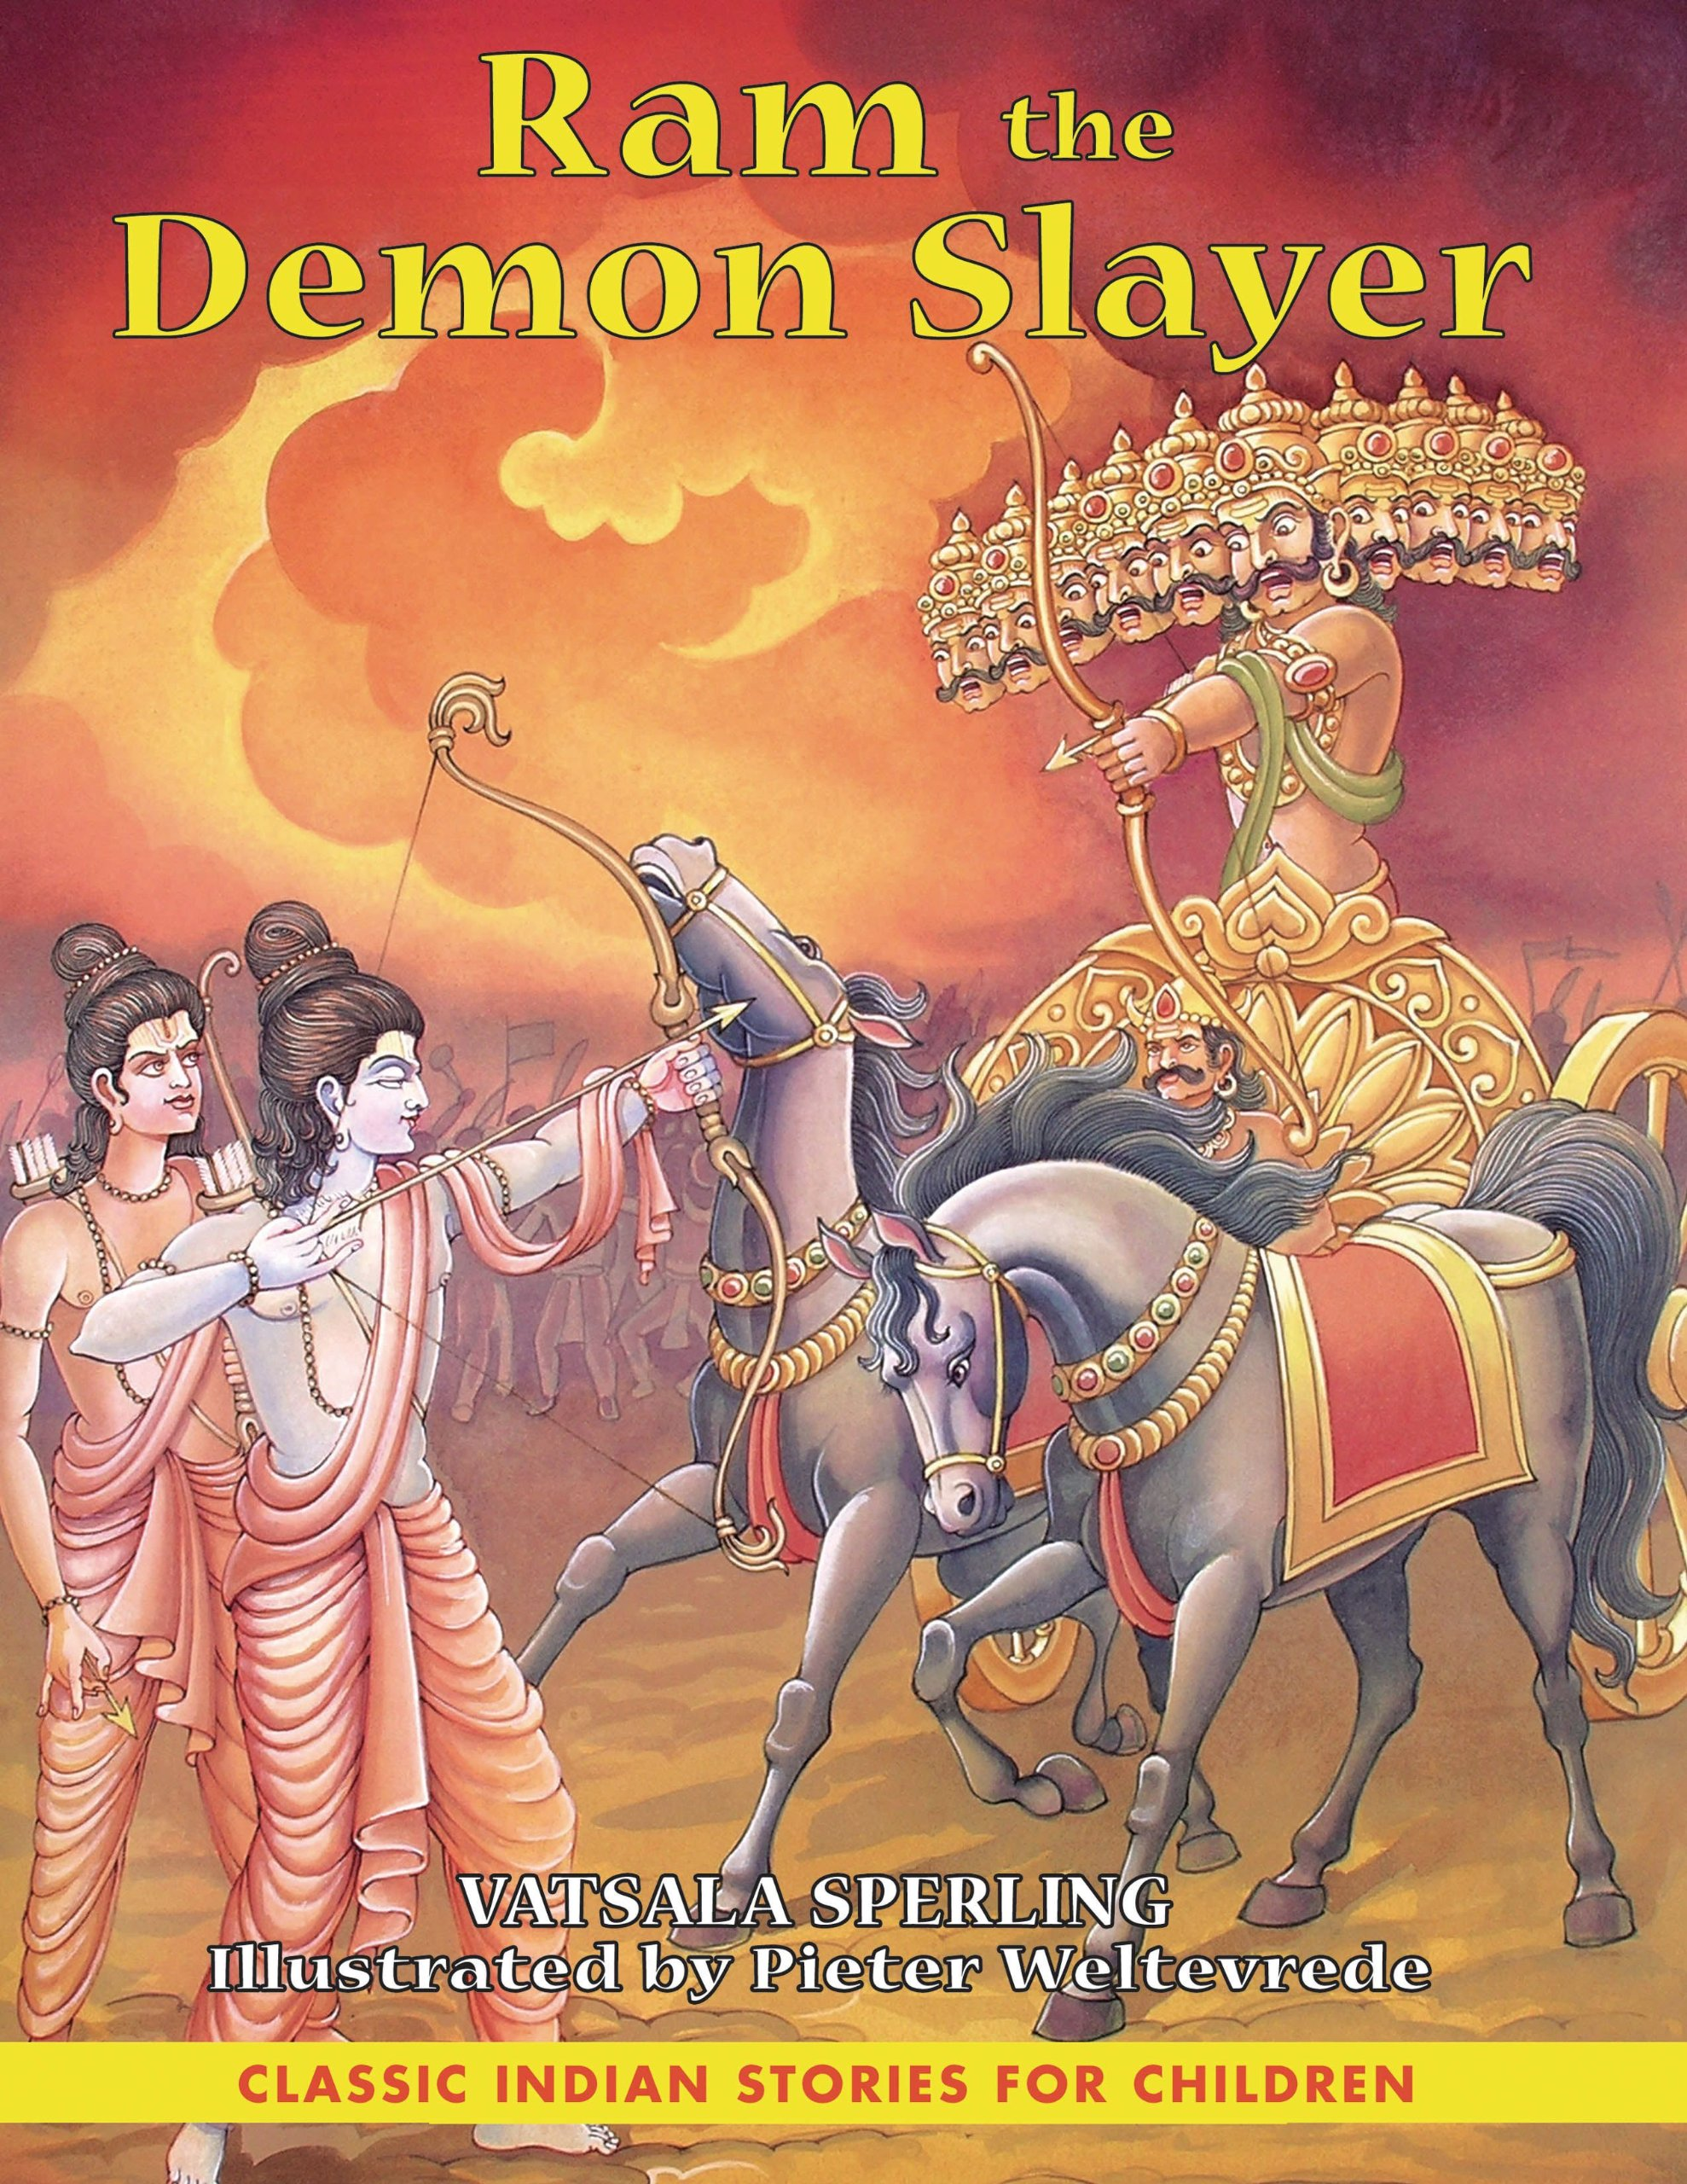 Ram the Demon Slayer